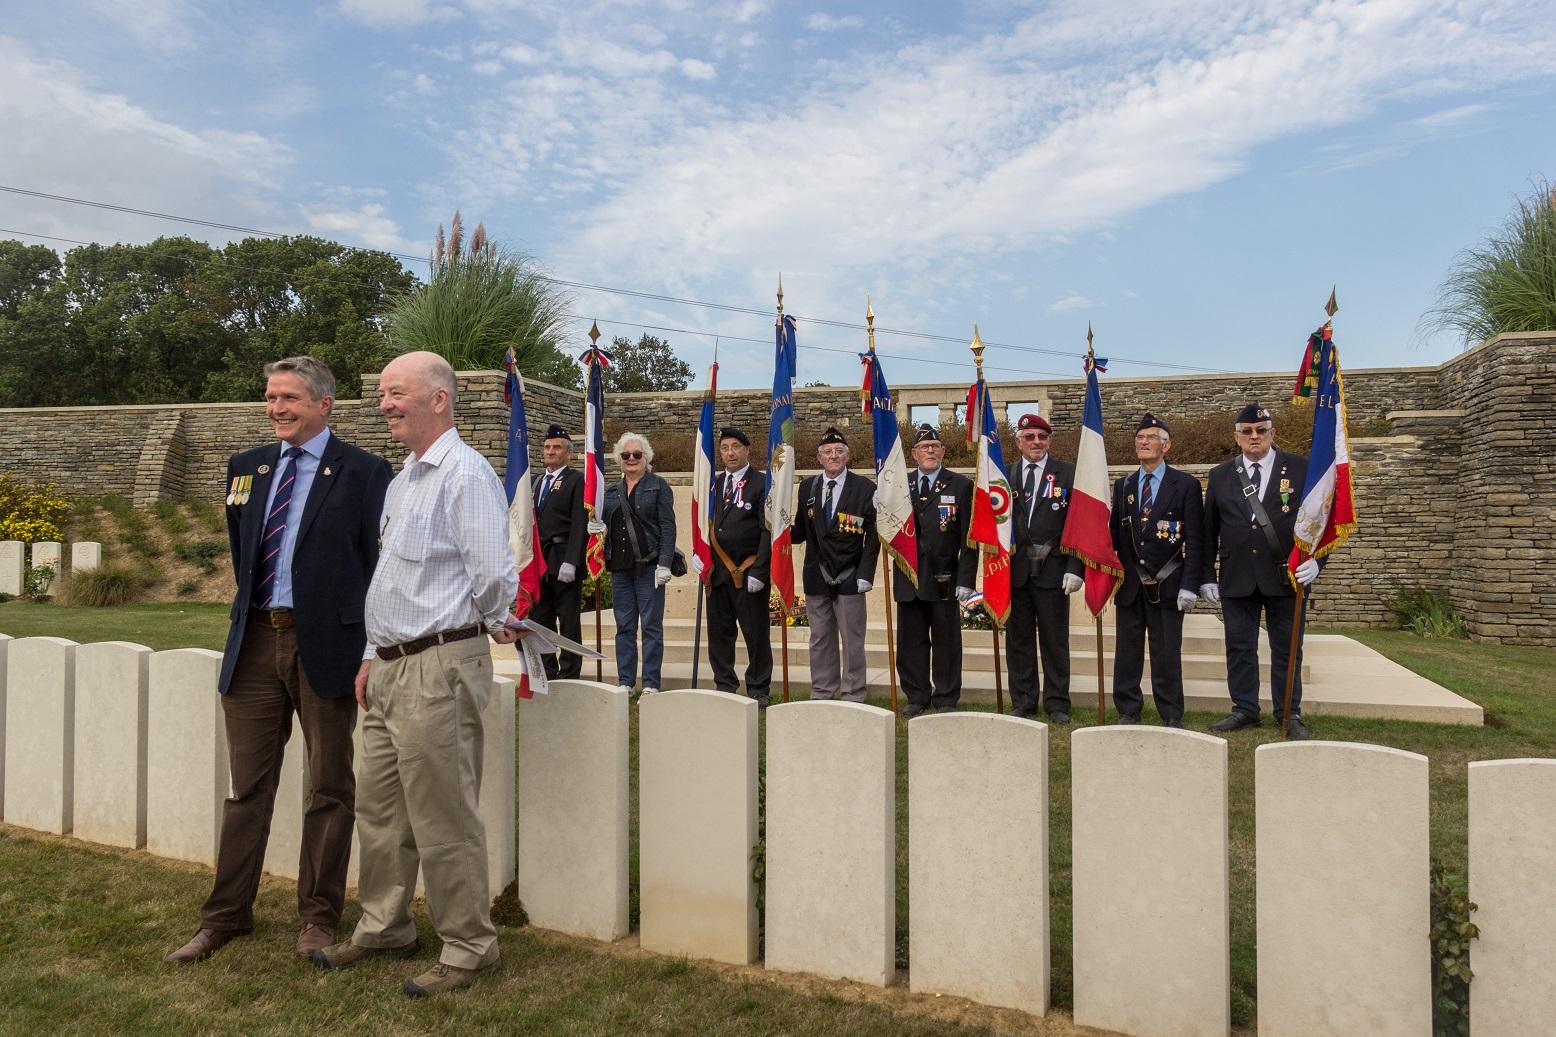 Un britannique et un Tasmanien apprécient cette cérémonie en l'honneur de leurs ancêtres